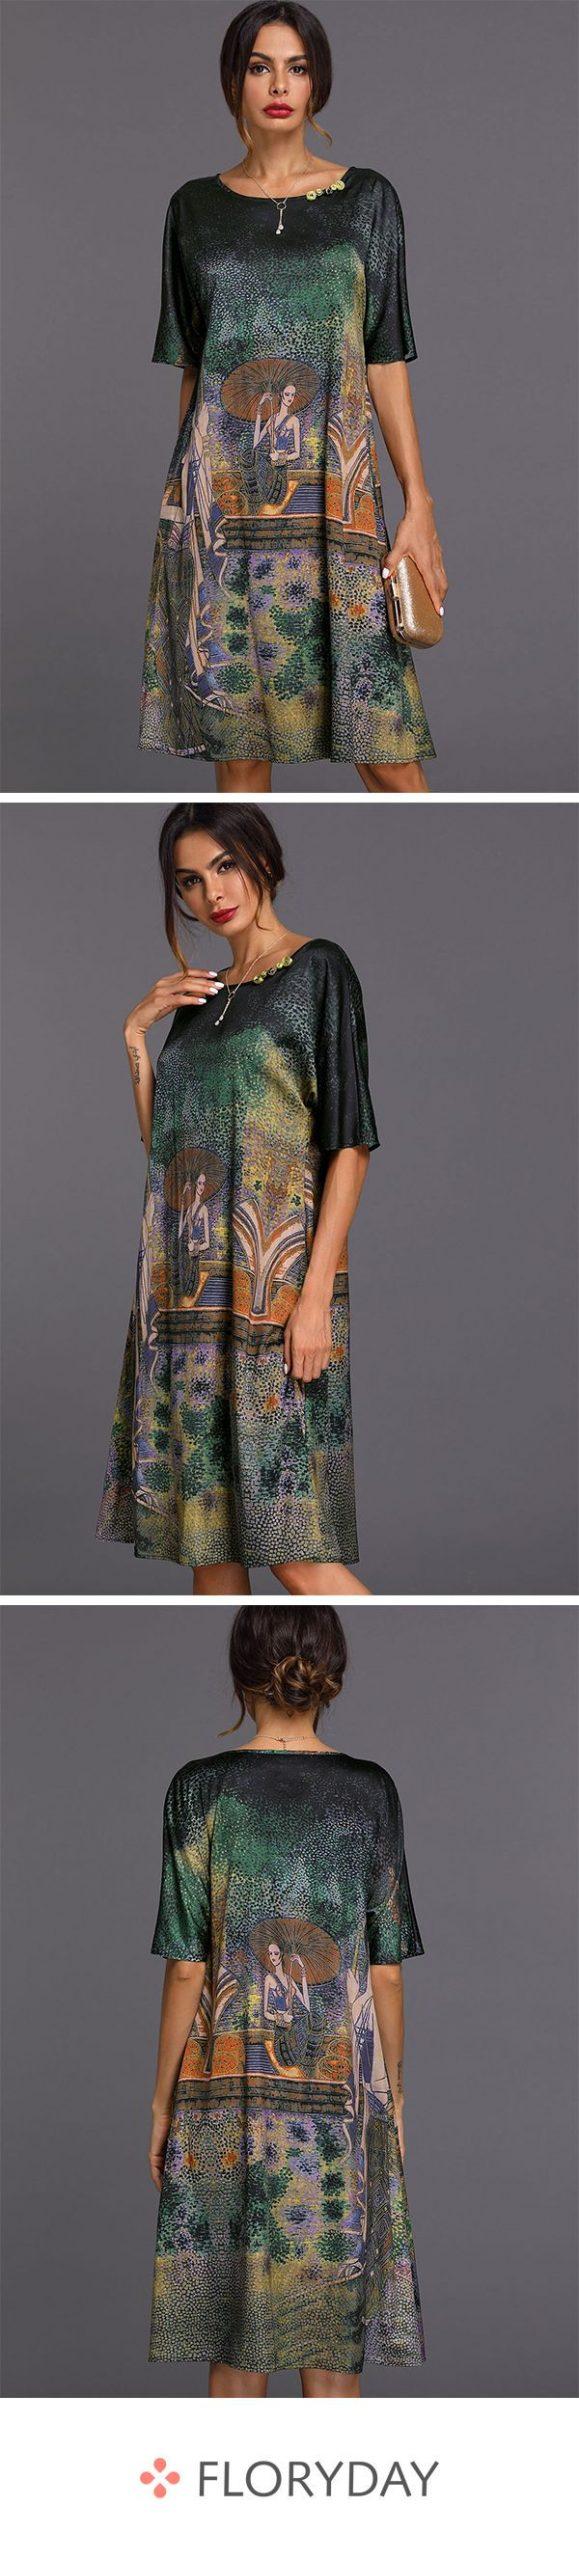 17 Großartig Halblange Kleider Mode Design17 Cool Halblange Kleider Mode Spezialgebiet